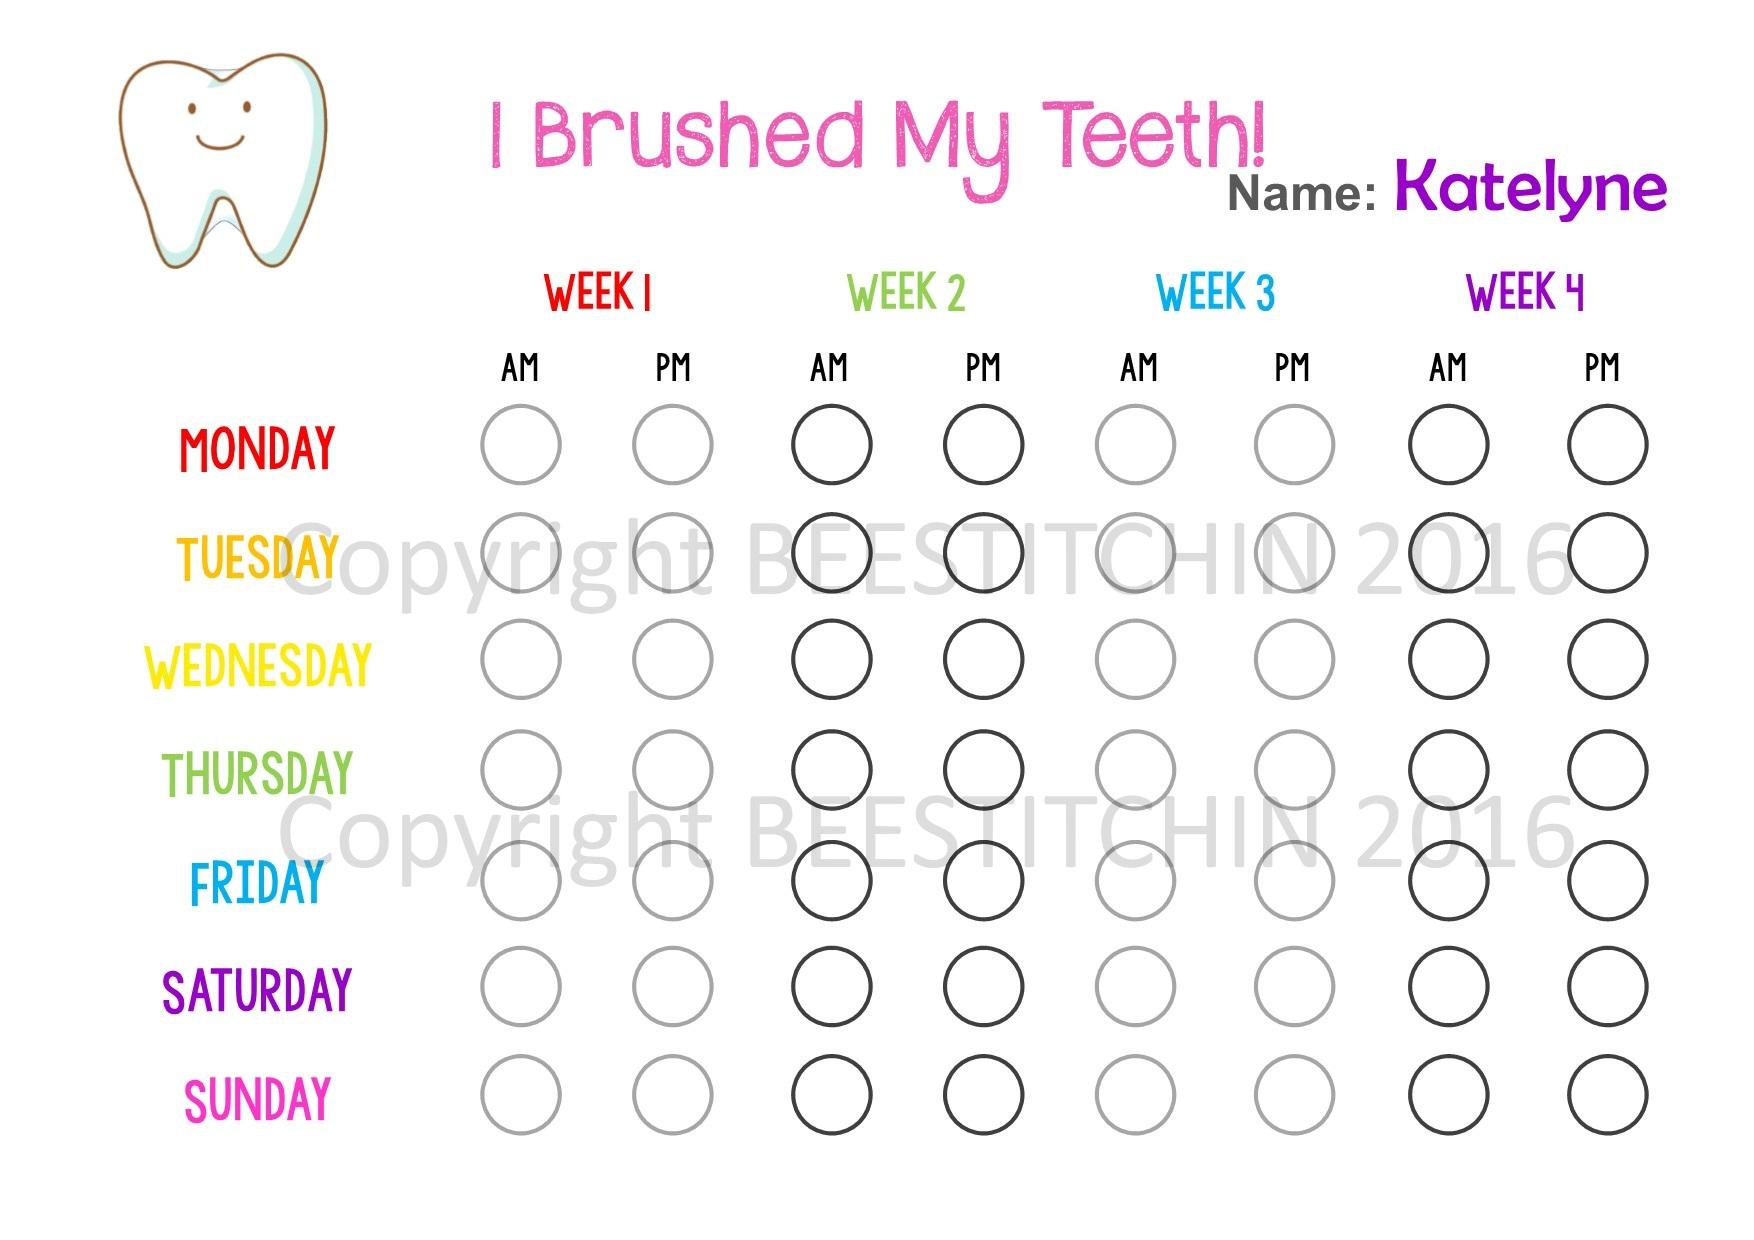 I Brushed My Teeth